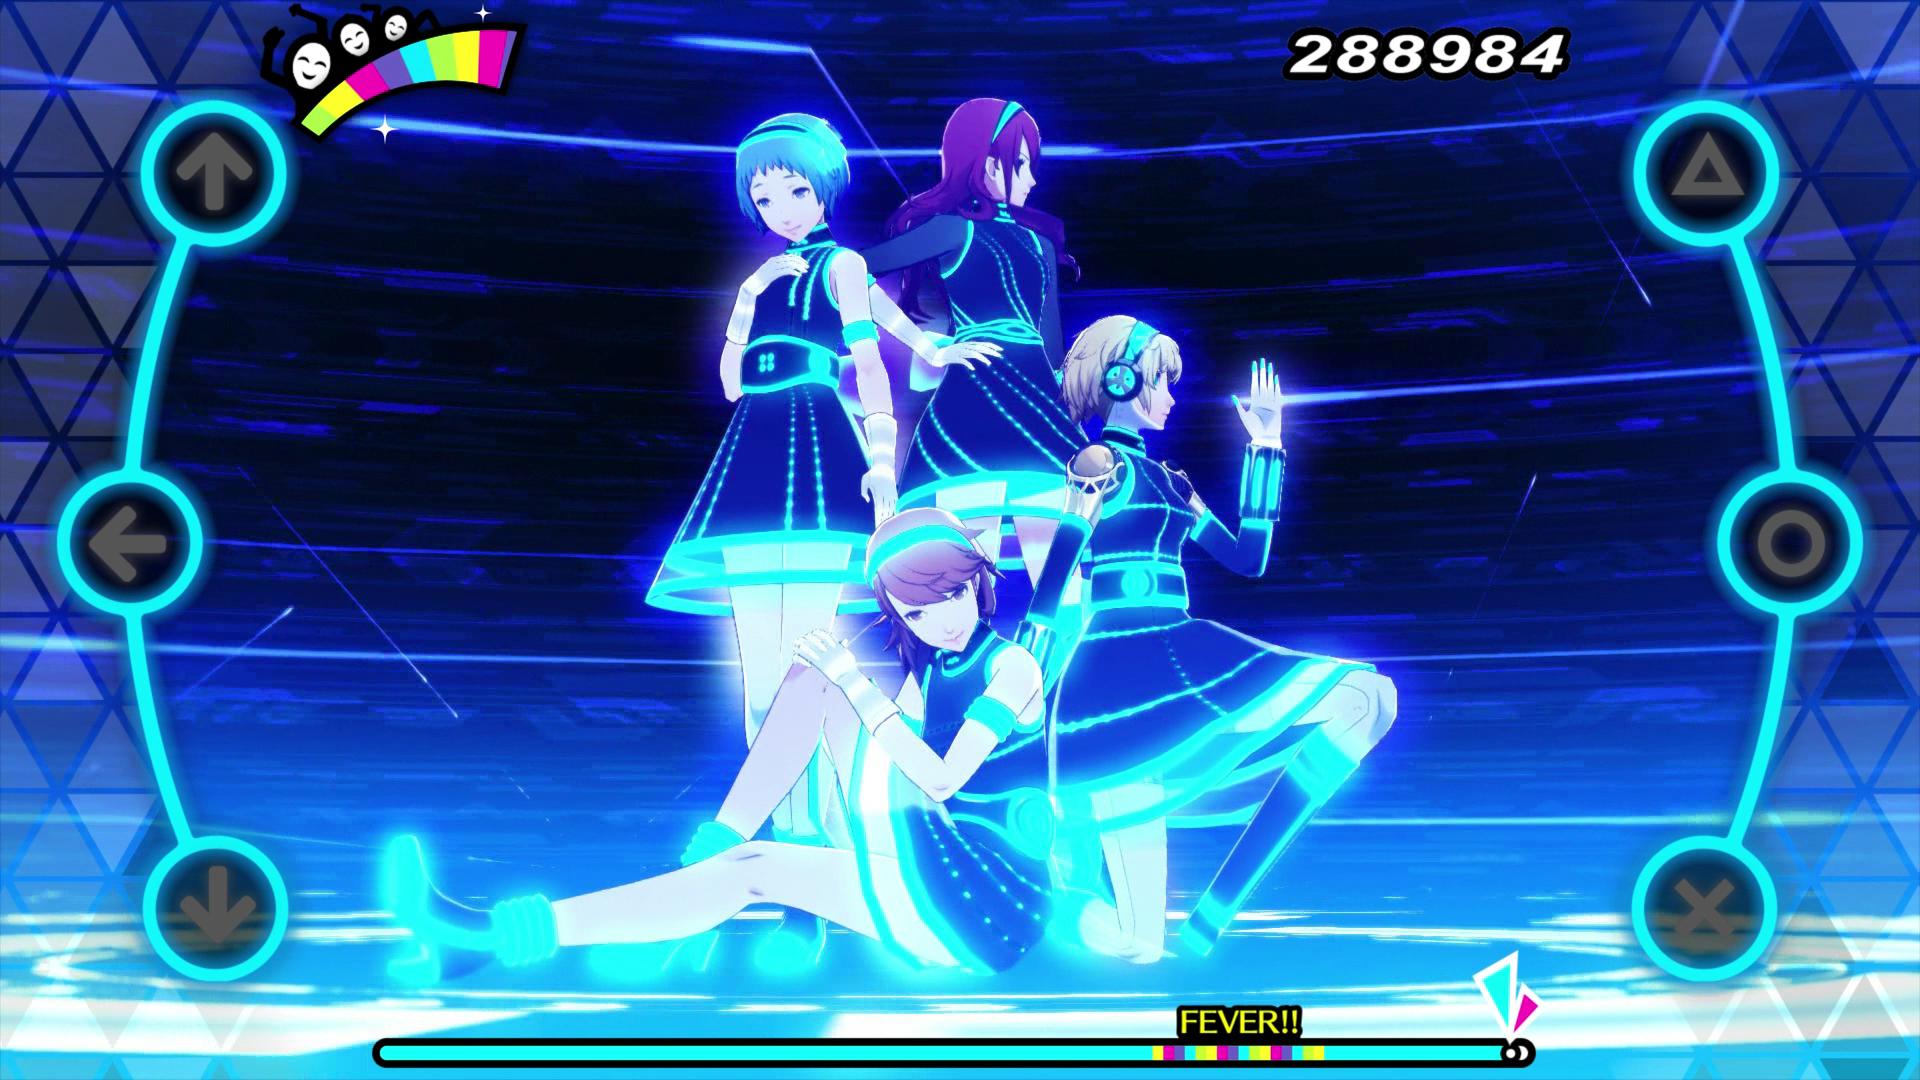 Persona 3 Dancing Persona 5 Dancing Review Rpg Site